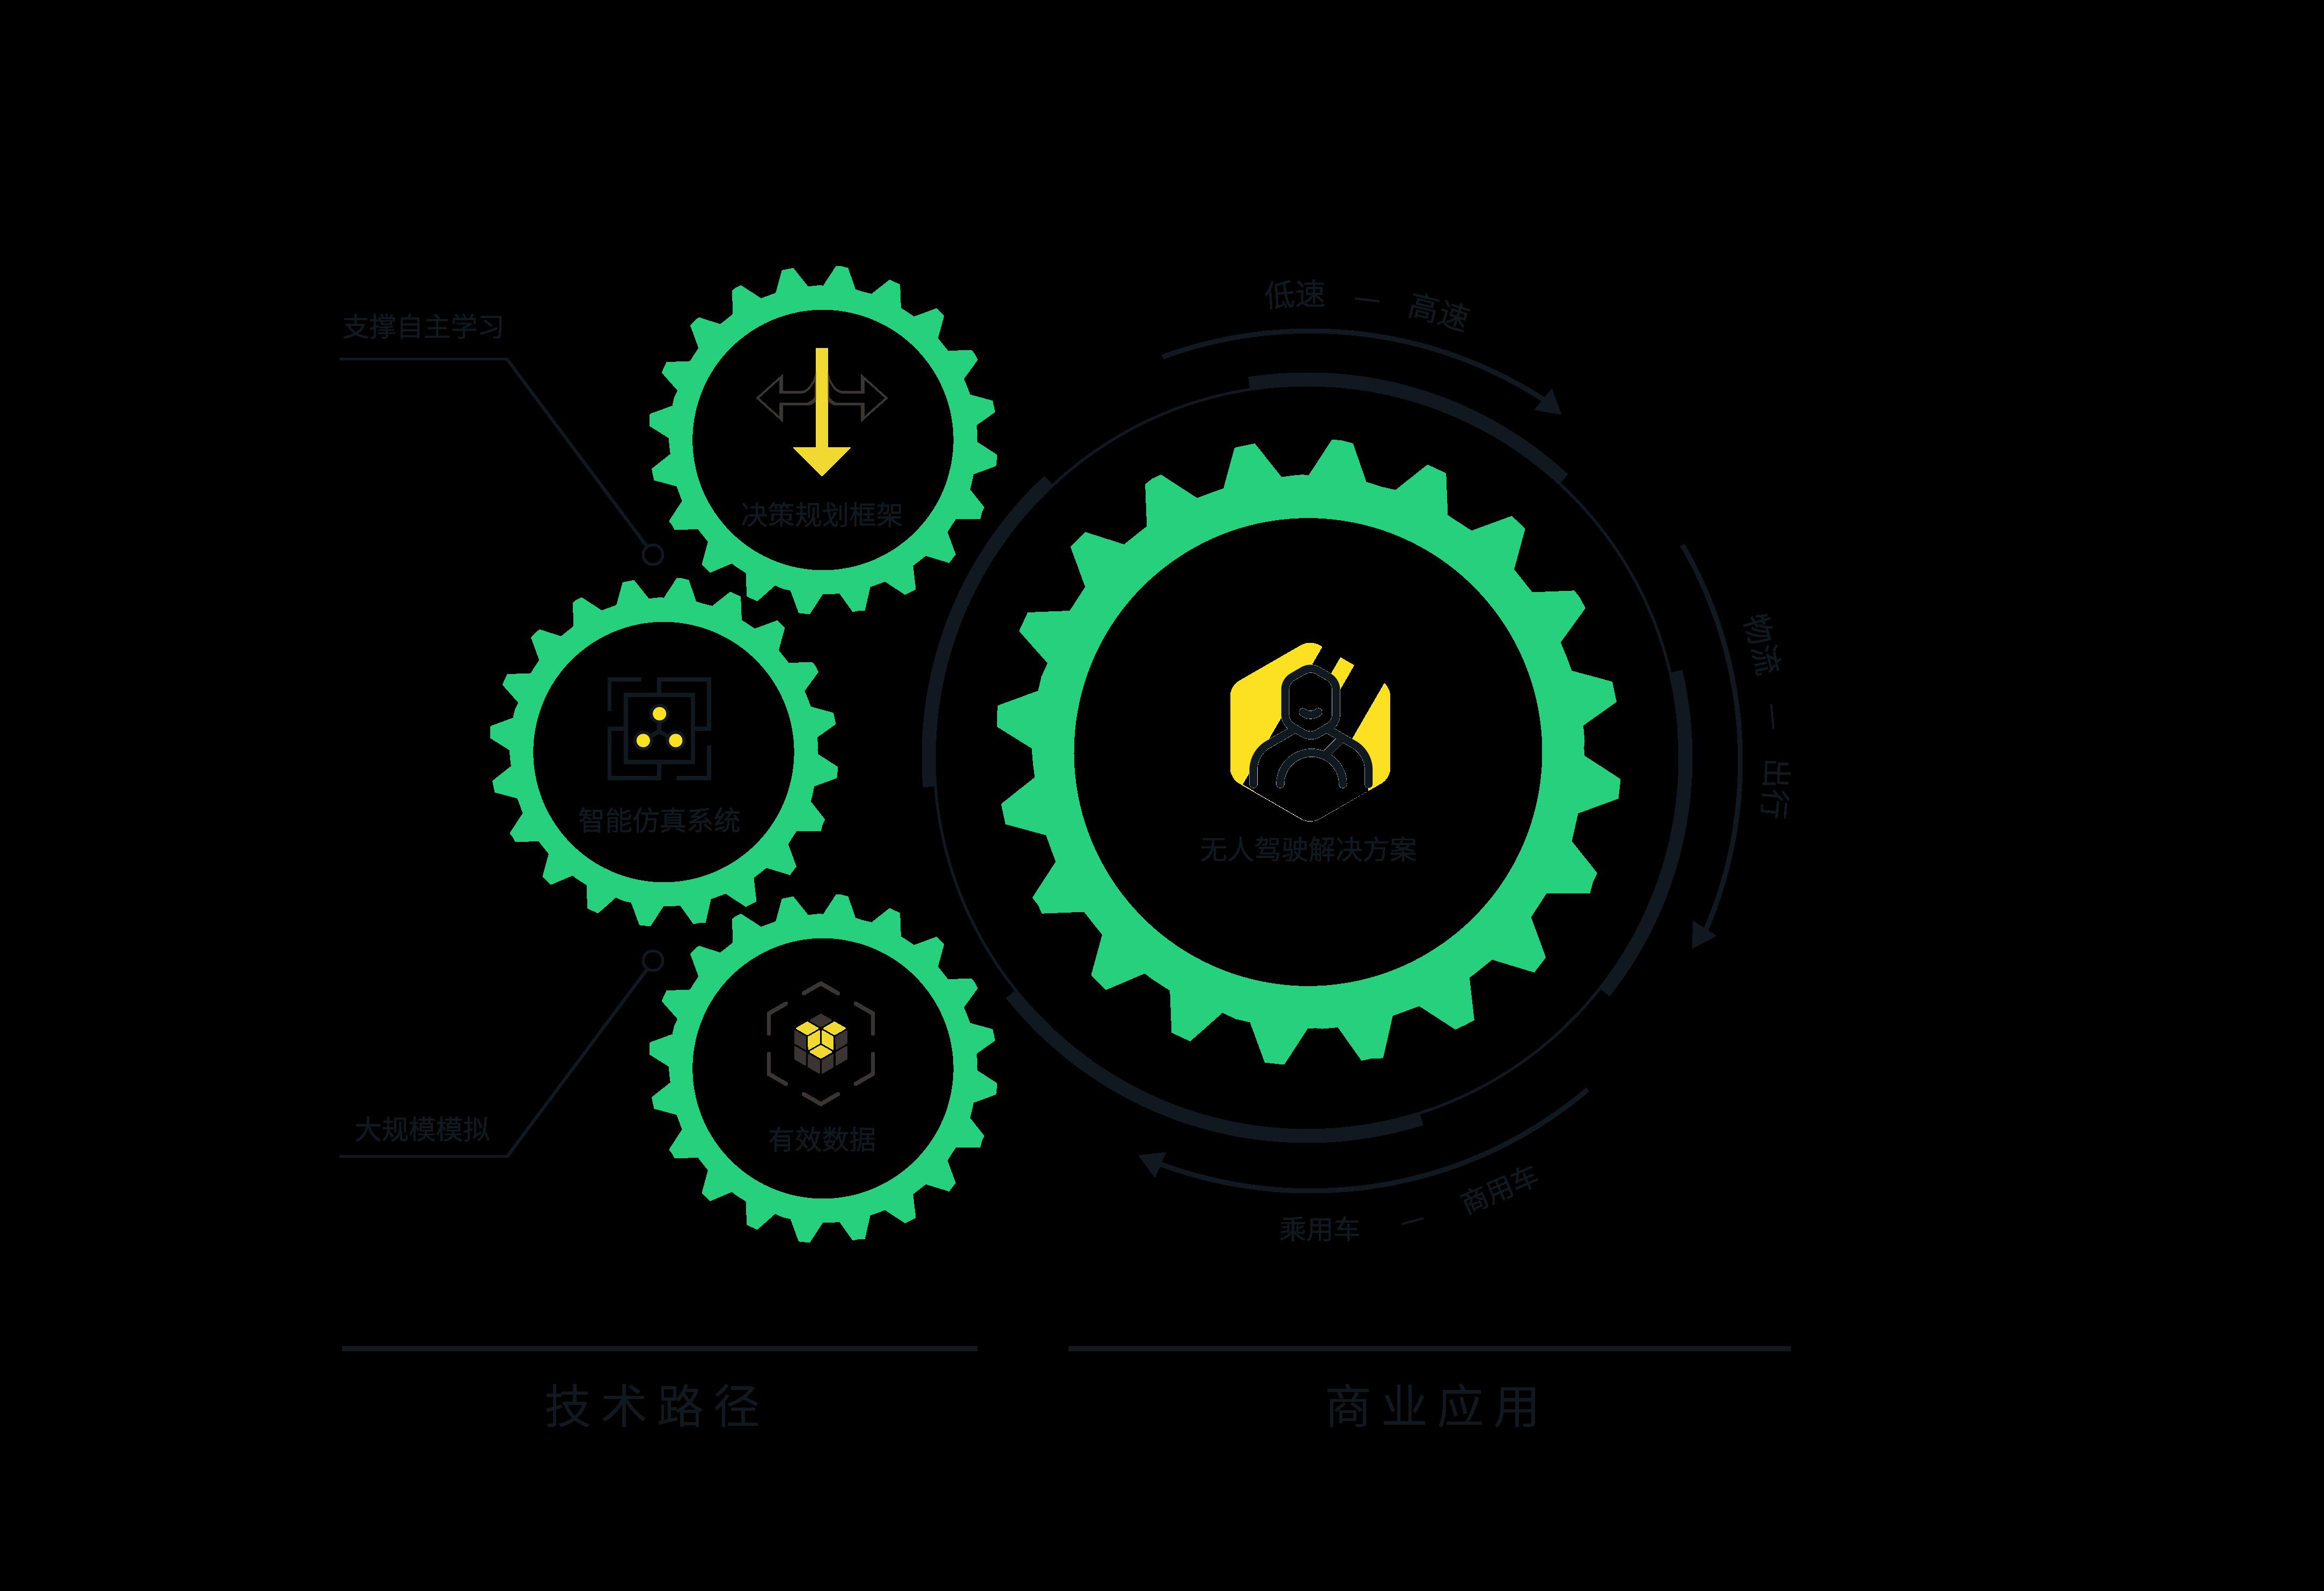 轻舟智航基于大规模智能仿真系统及可自主学习决策规划框架的技术路径